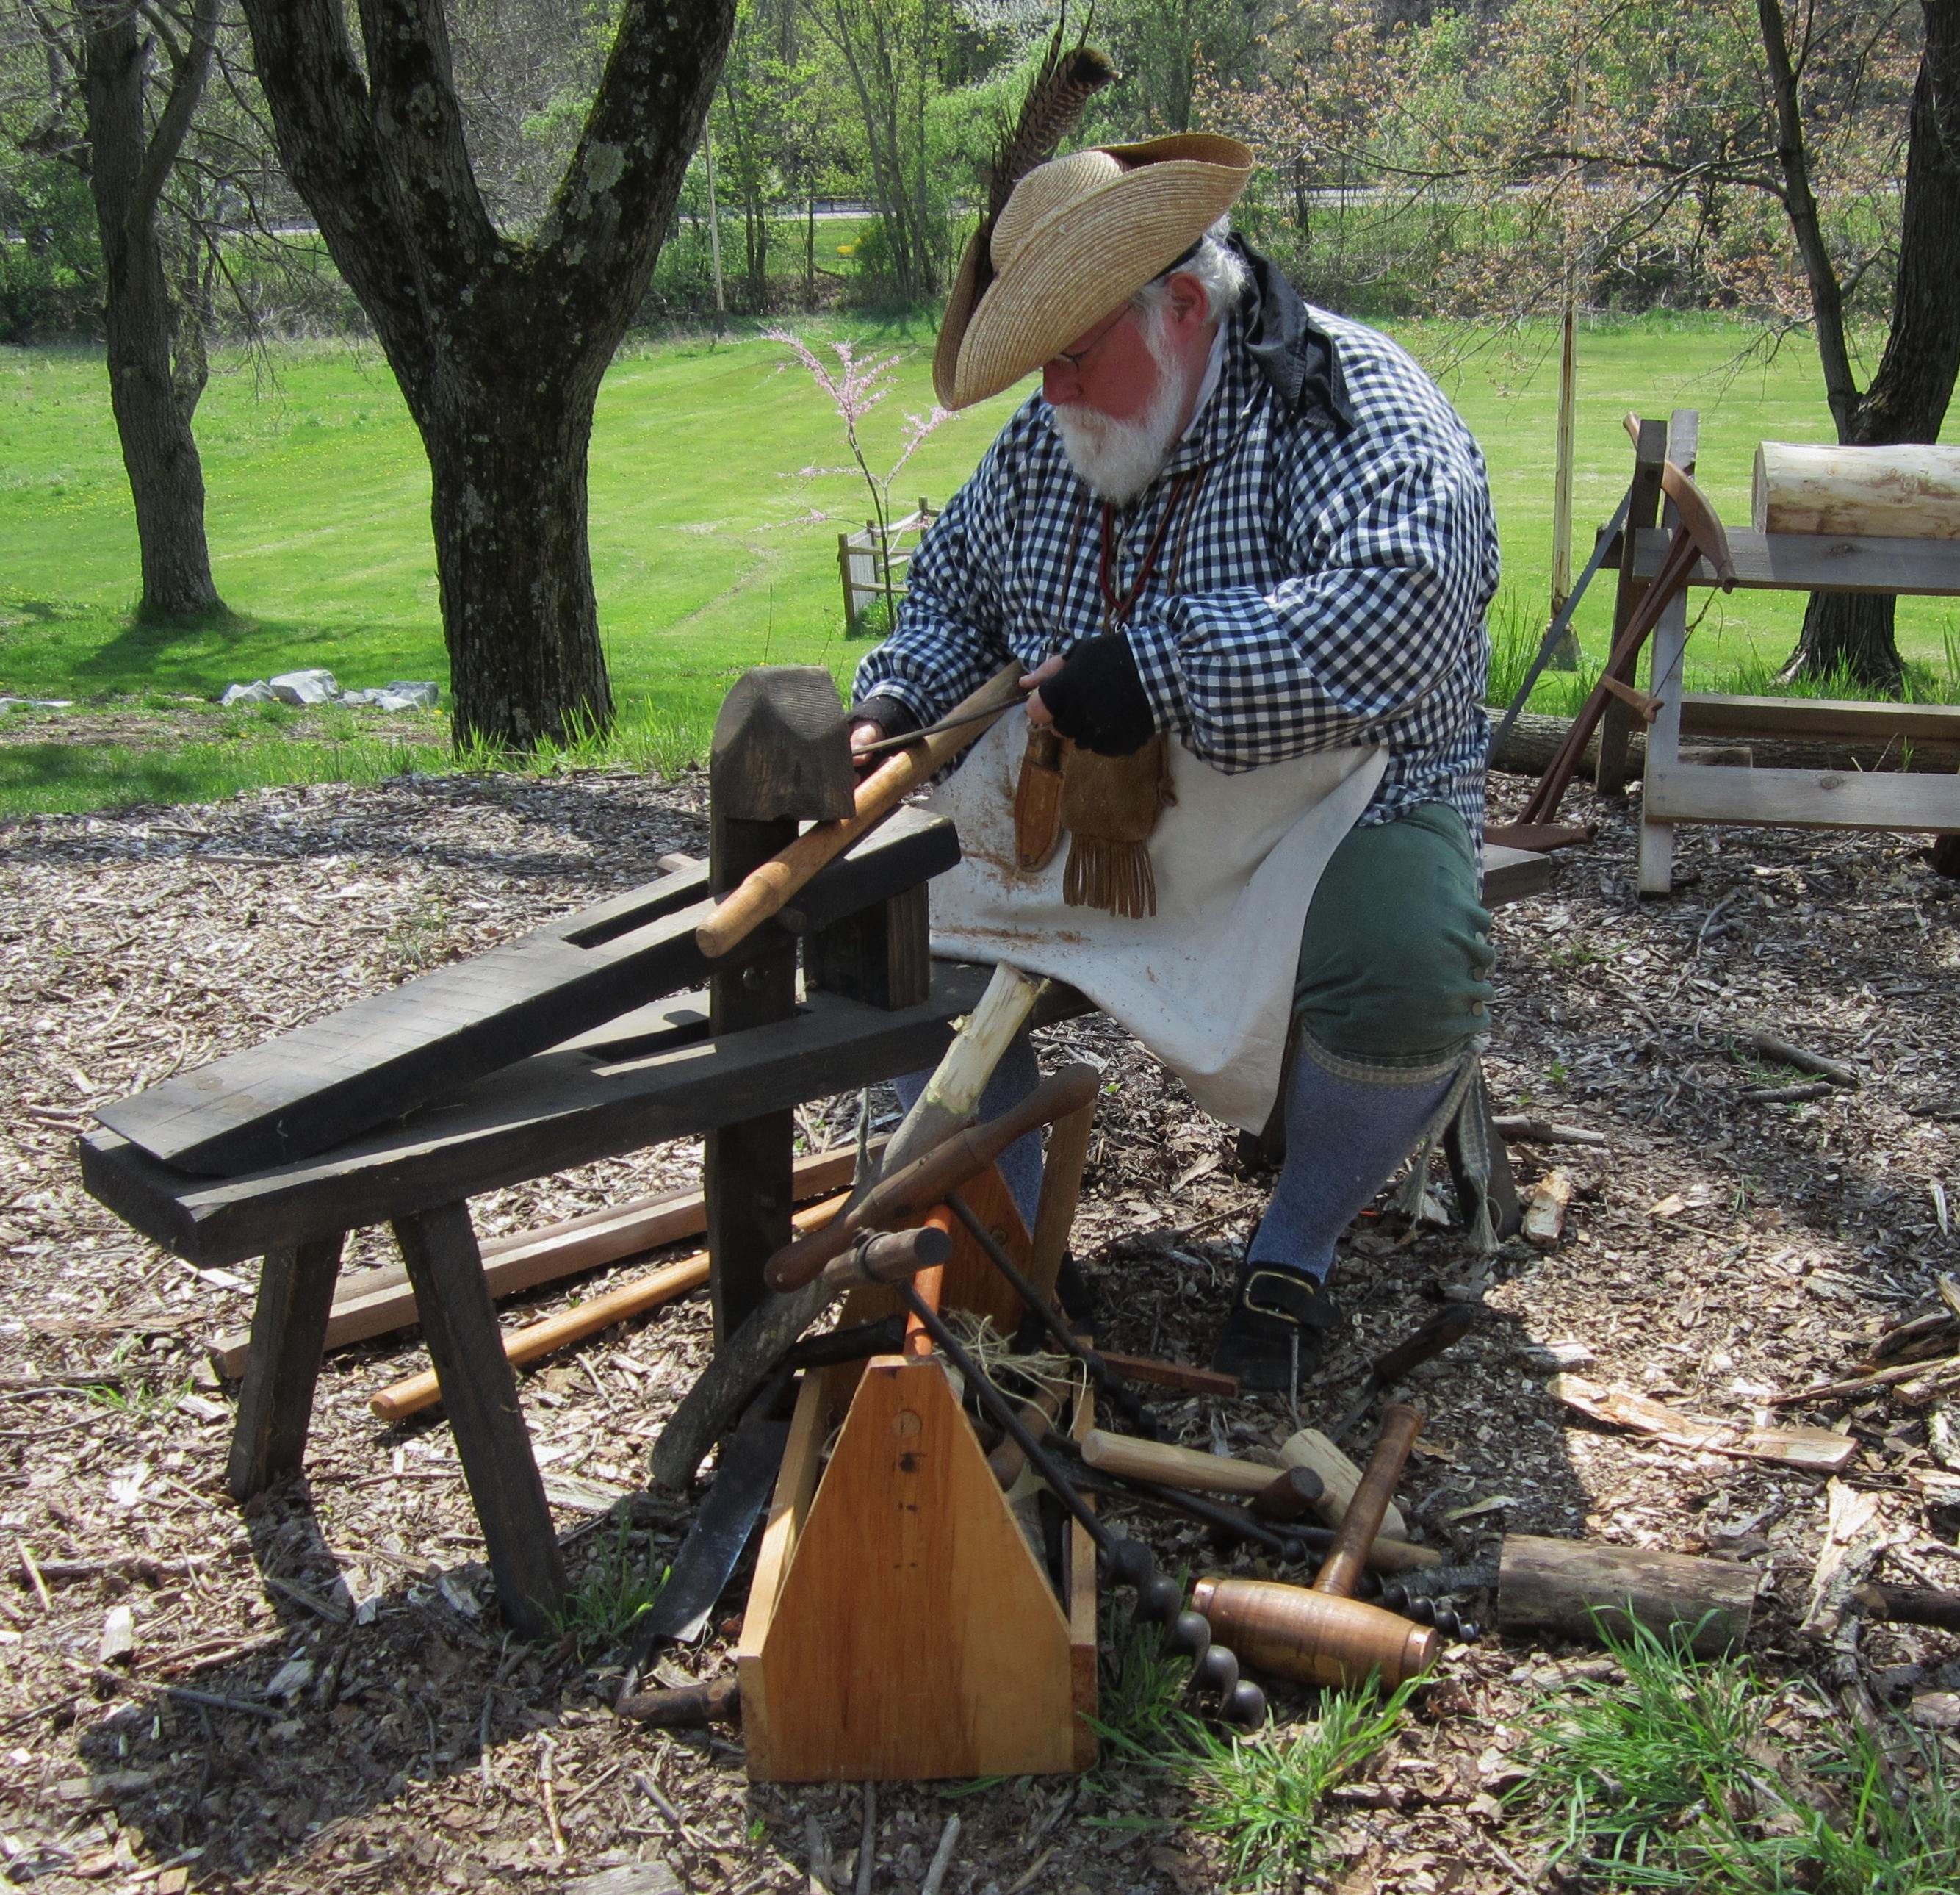 A volunteer woodworker demonstrating frontier techniques.